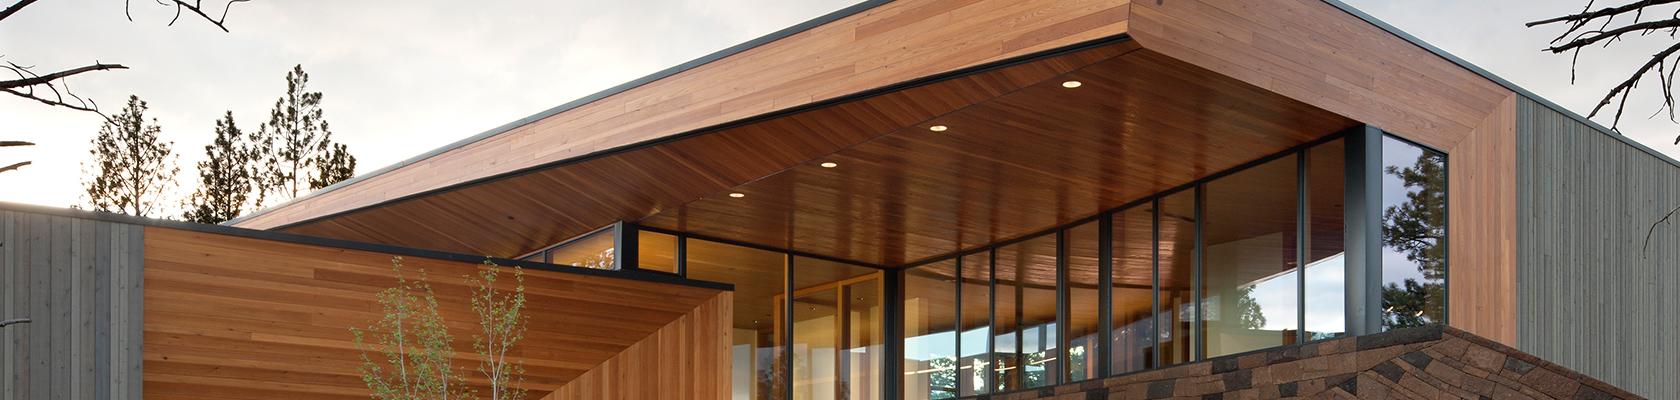 wood framing - Wood Framing